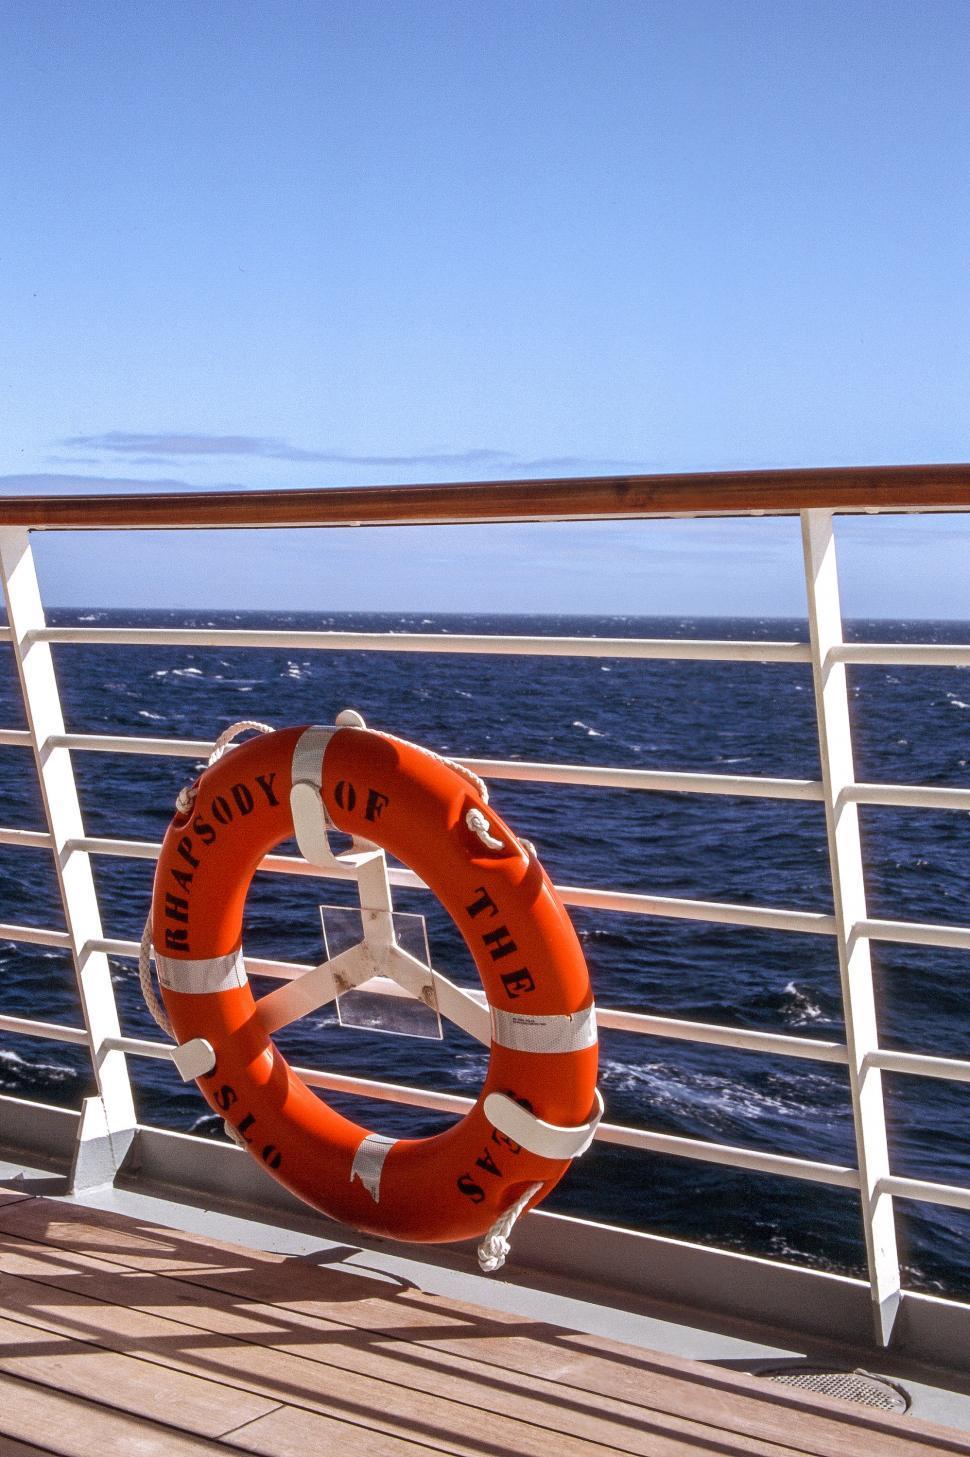 Download Free Stock HD Photo of Orange lifesaver ring Online